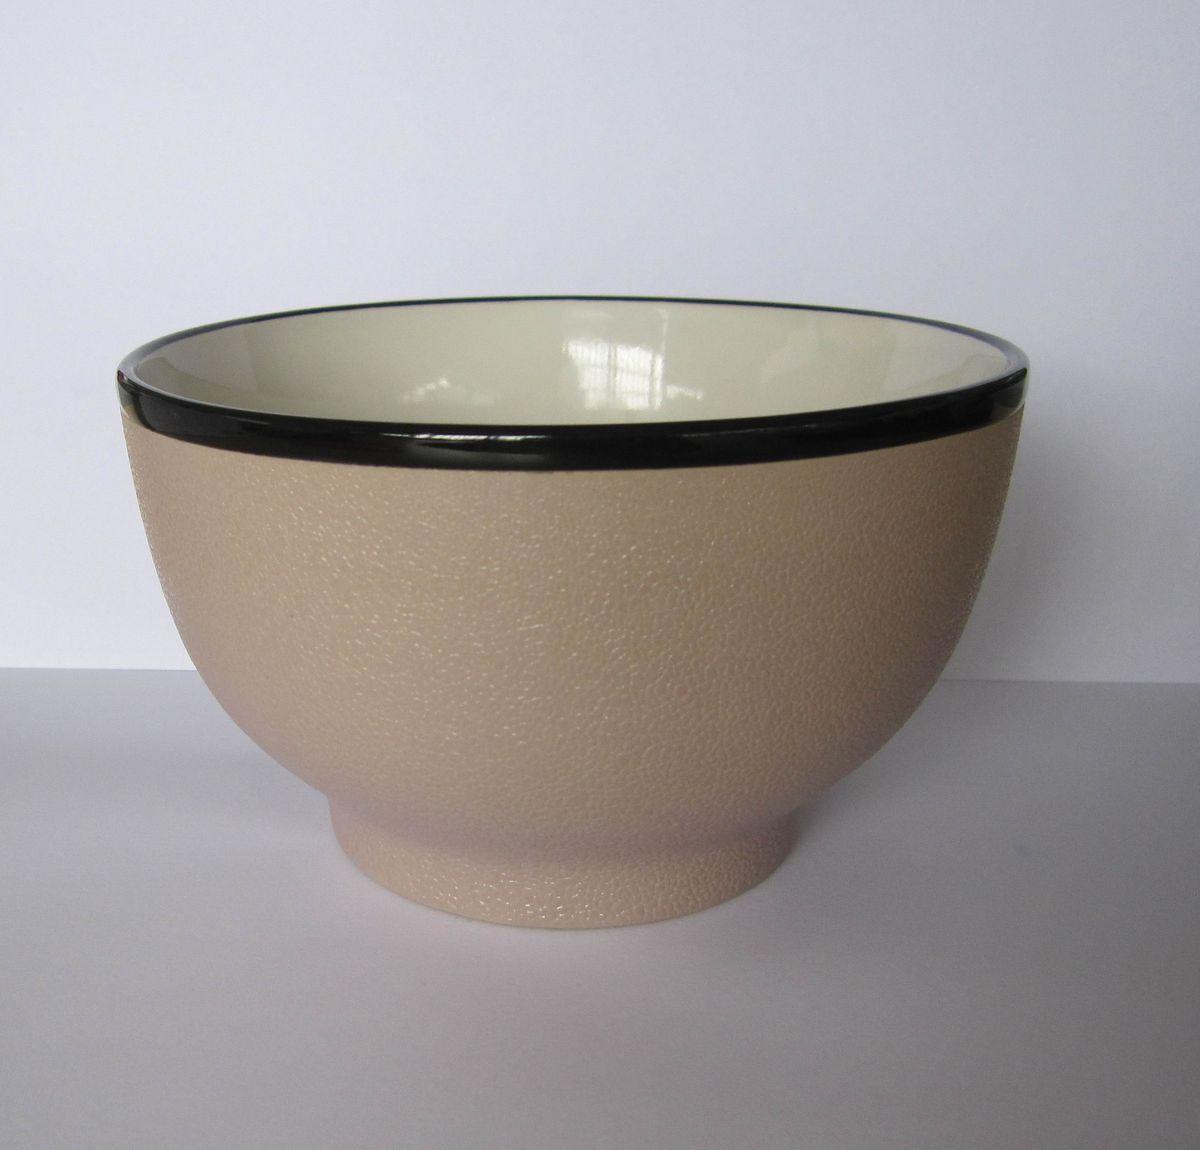 Салатник, цвет: бежевый, 750 мл. HW816-BGHW816-BGСалатник изготовлен из высококачественной керамики. Он предназначен для красивой подачи салатов и других блюд. Салатник прекрасно оформит стол и порадует вас лаконичным и ярким дизайном. Можно использовать в СВЧ и мыть в посудомоечной машине.